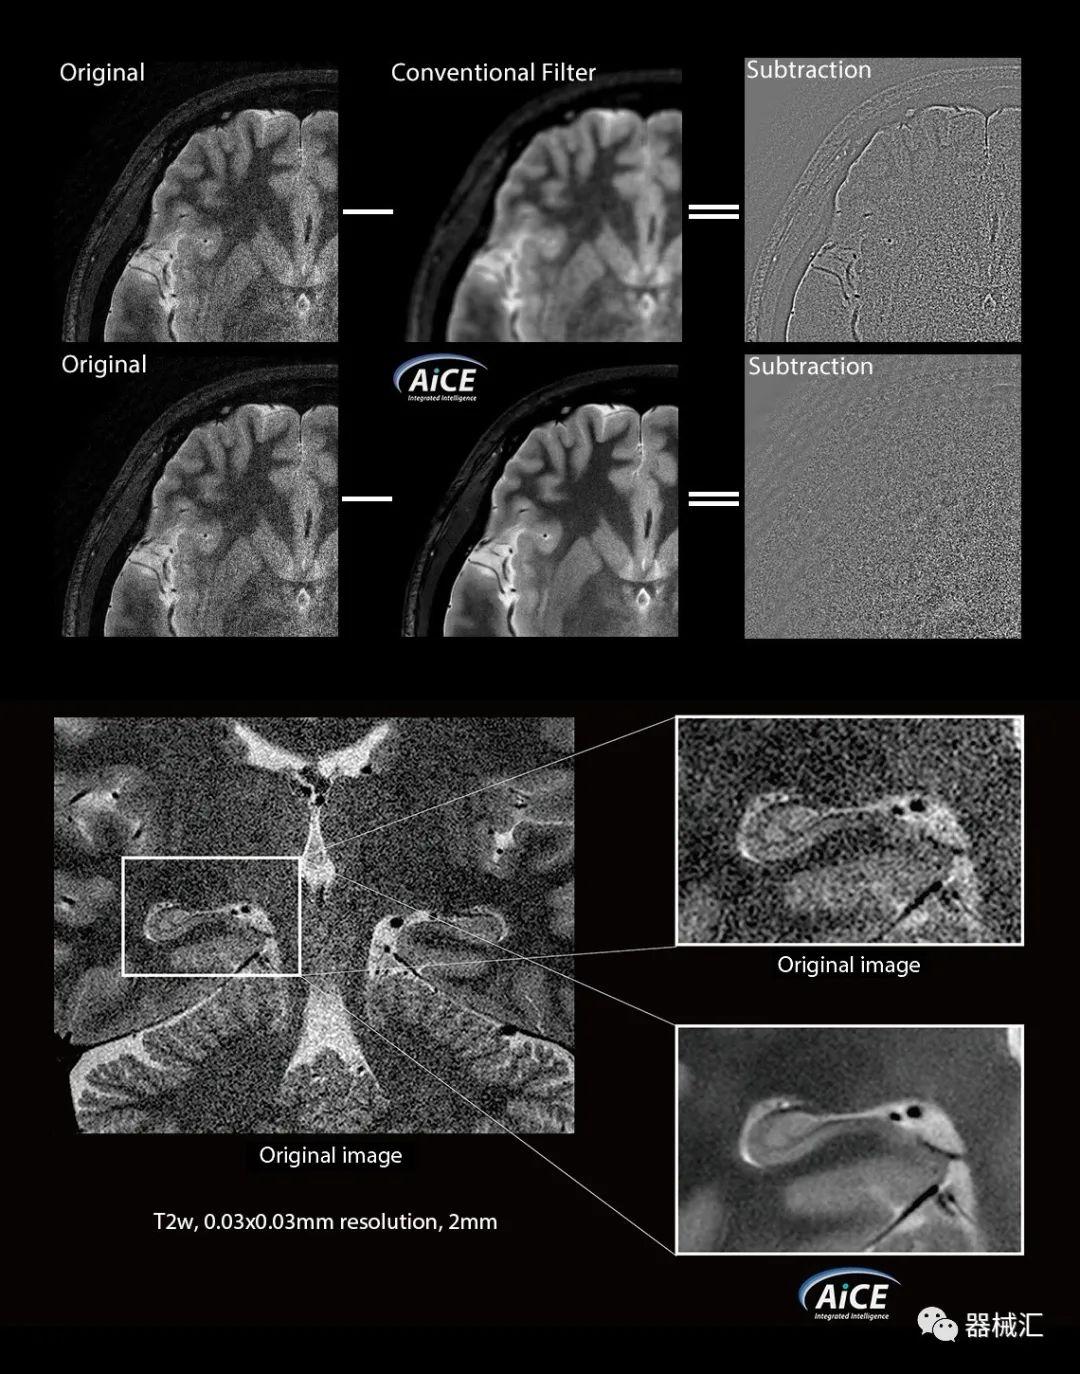 佳能医疗搭载AiCE技术的磁共振获FDA批准